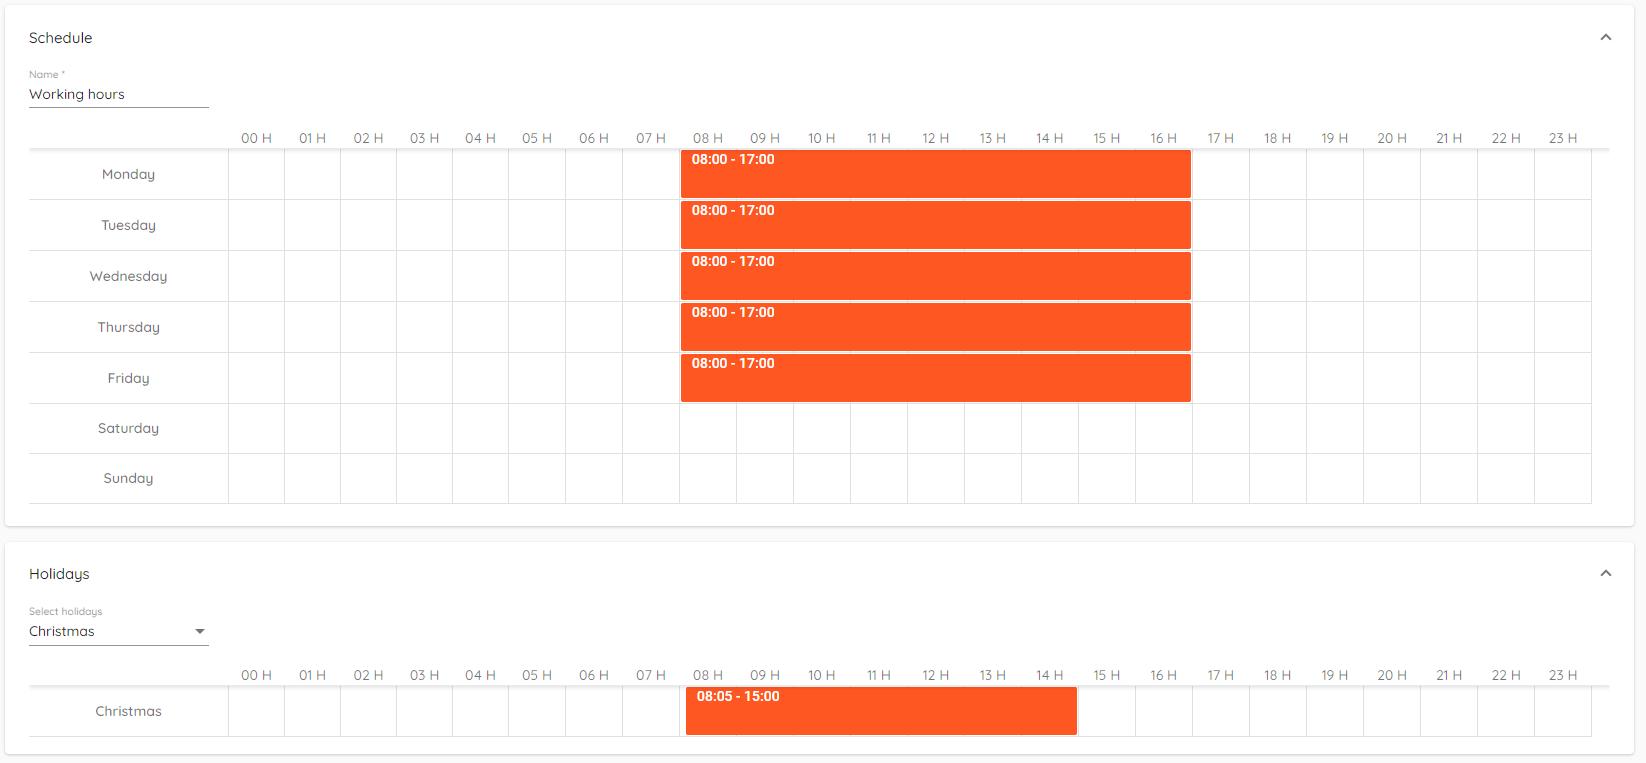 Scheduled holidays